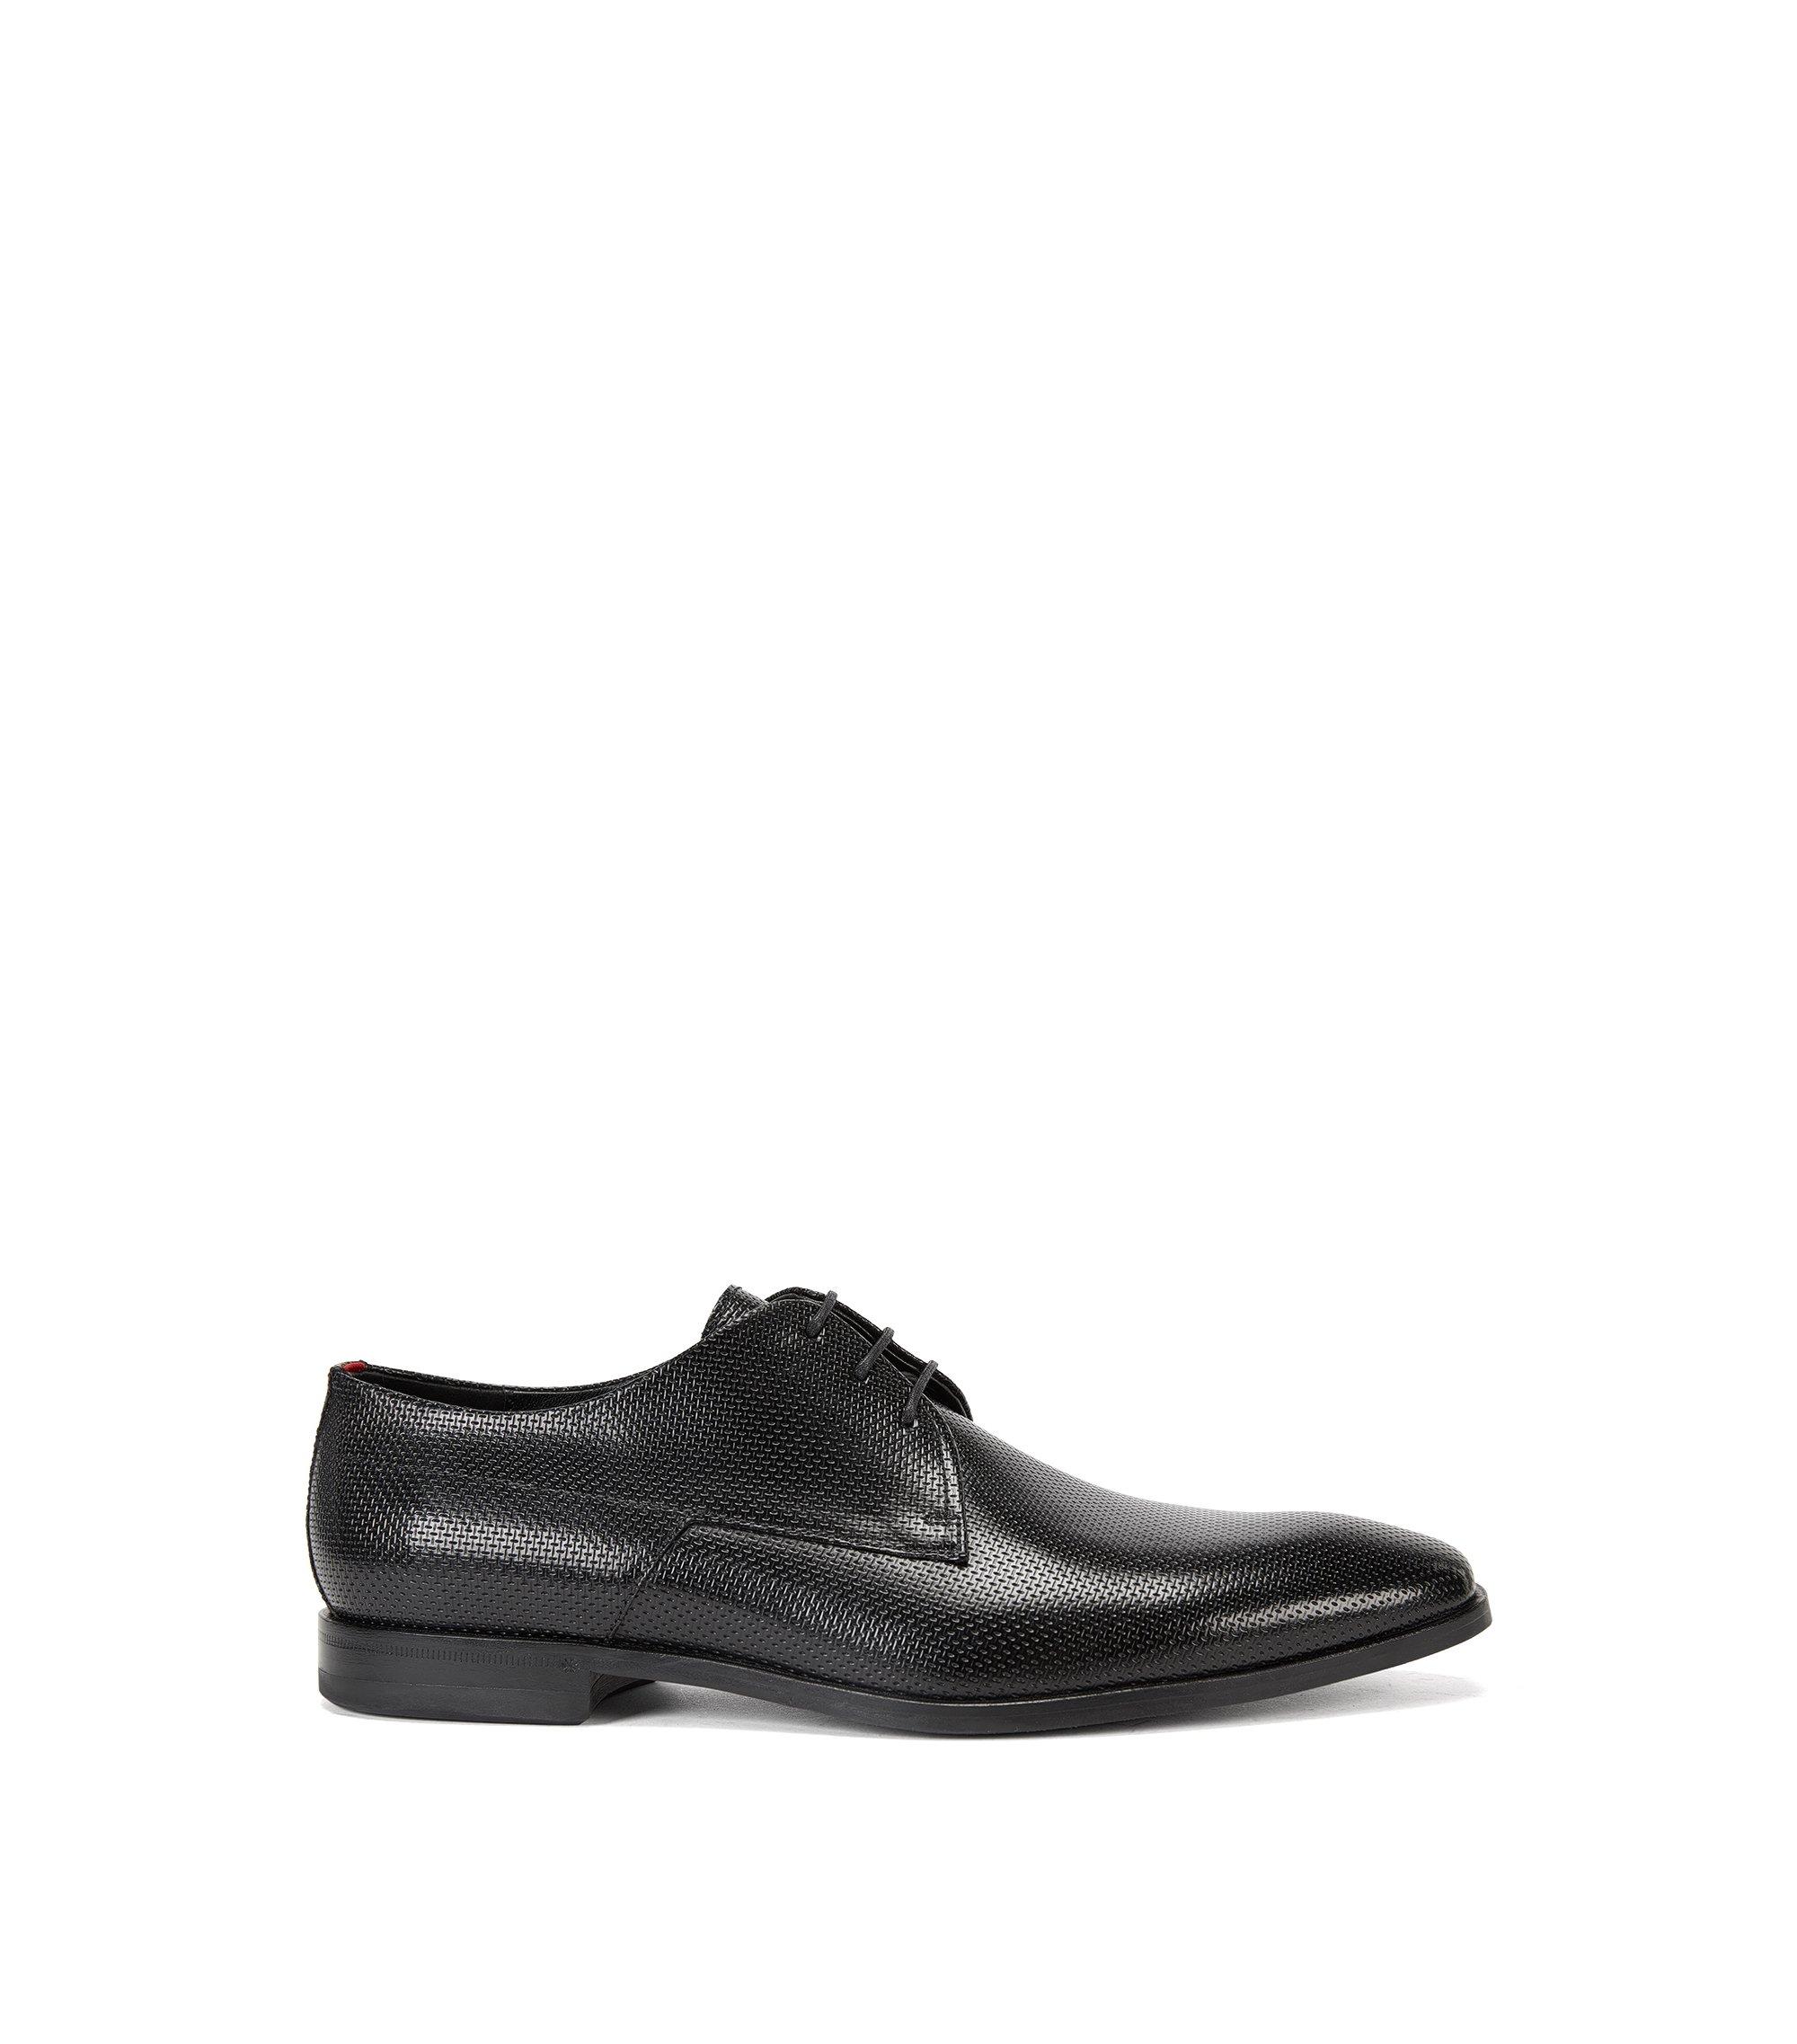 Mesh-Embossed Leather Derby Dress Shoes | Square Derb Bopr, Black